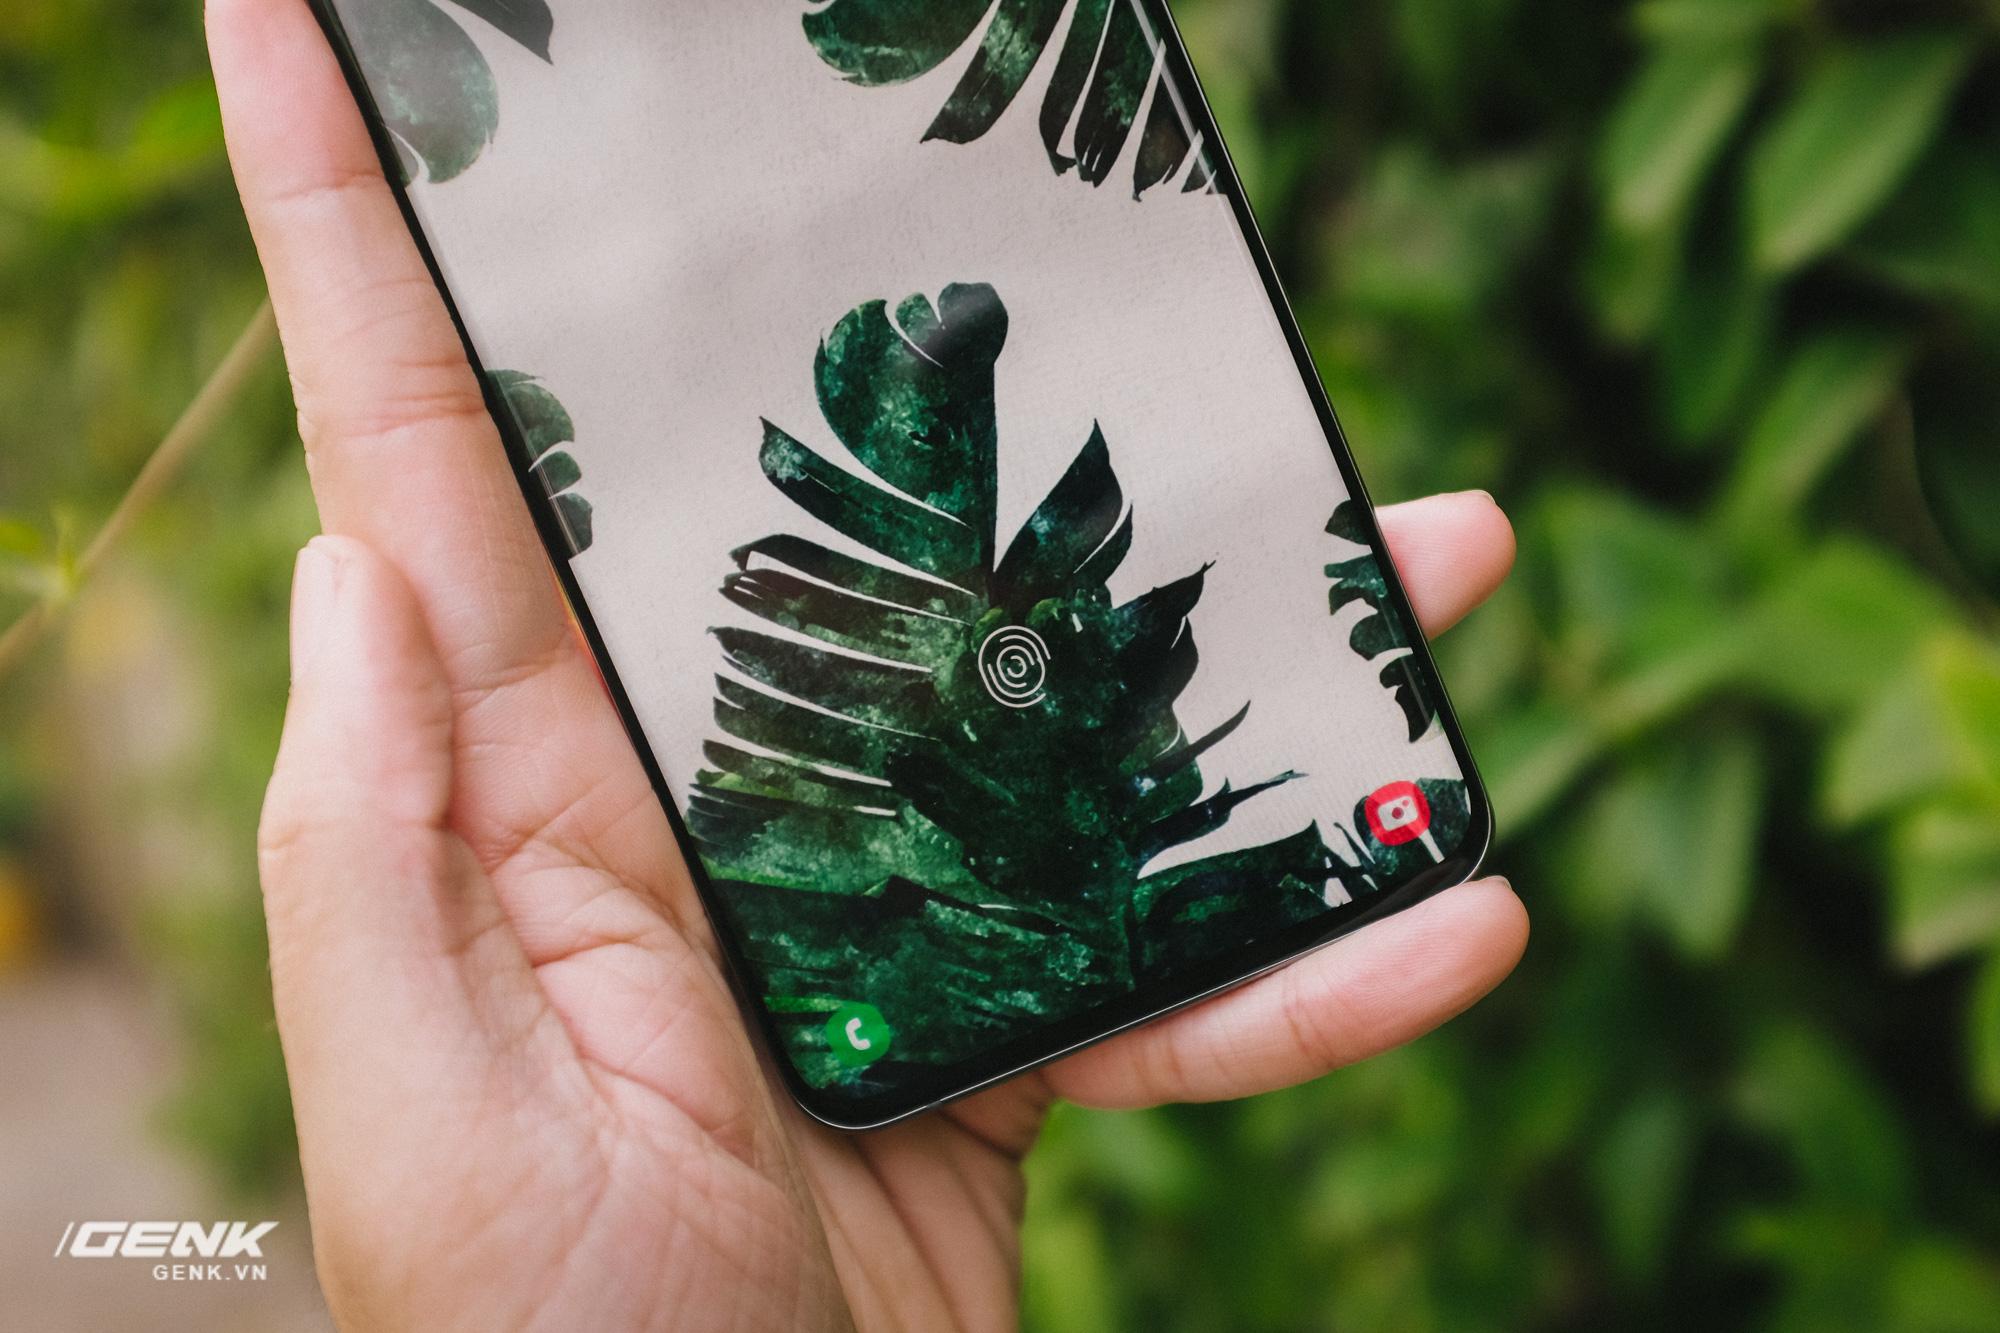 Những chi tiết thiết kế mới trên Galaxy S20 chứng tỏ Samsung vẫn bén lắm - Ảnh 5.